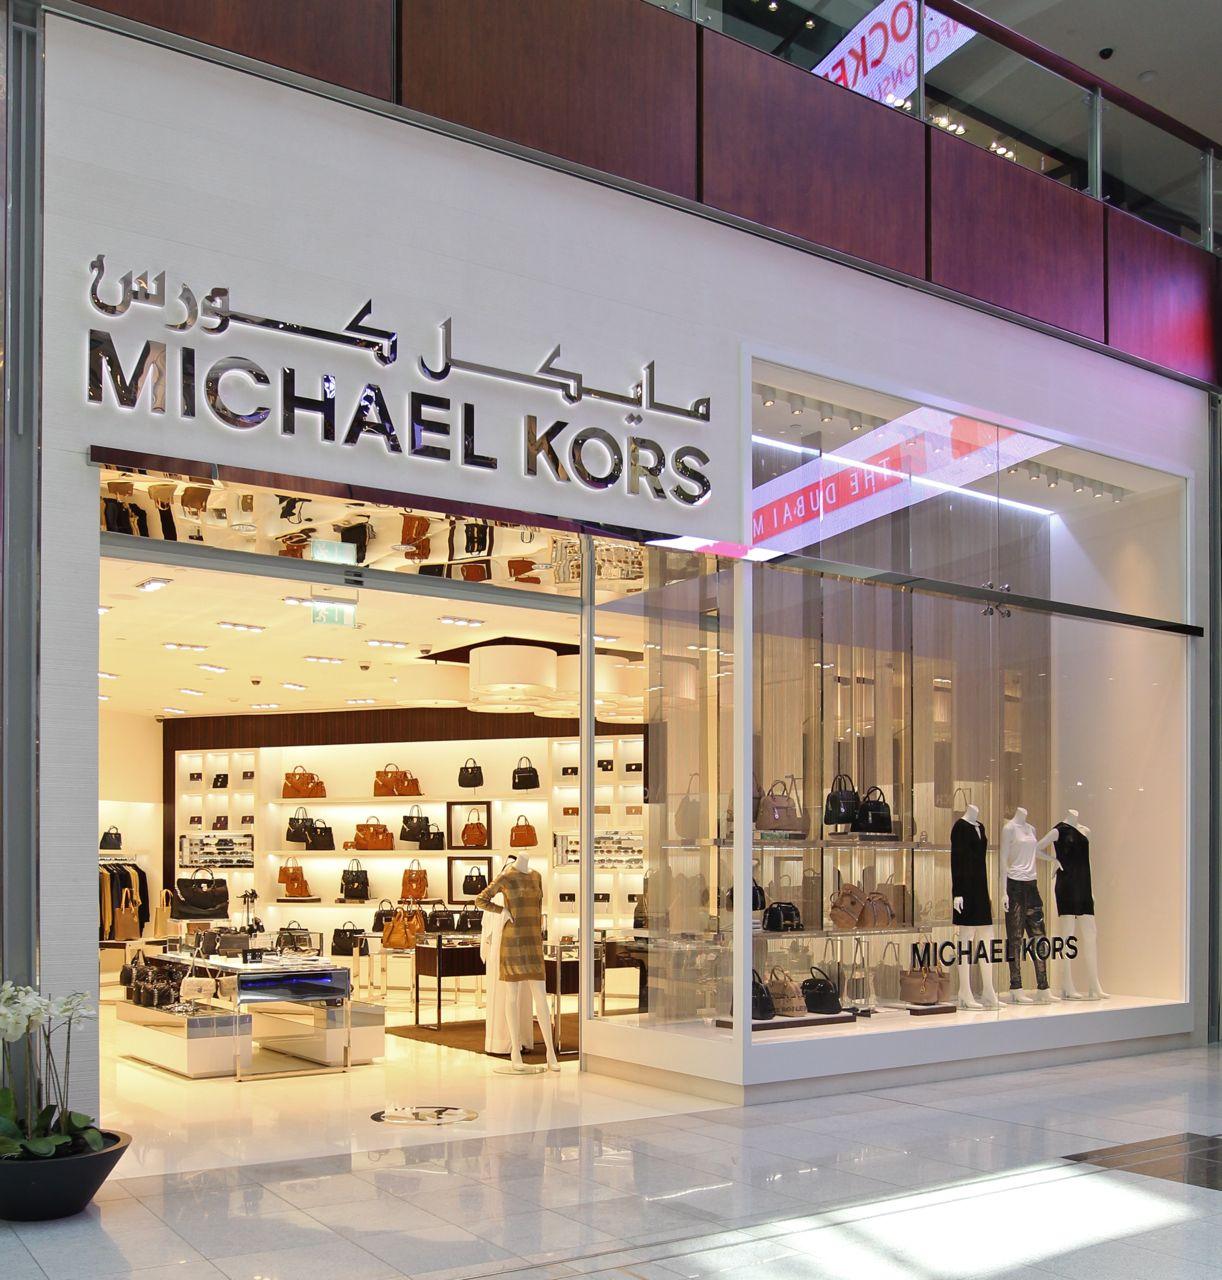 Michael kors bags in dubai - Michael Kors Bags In Dubai 34